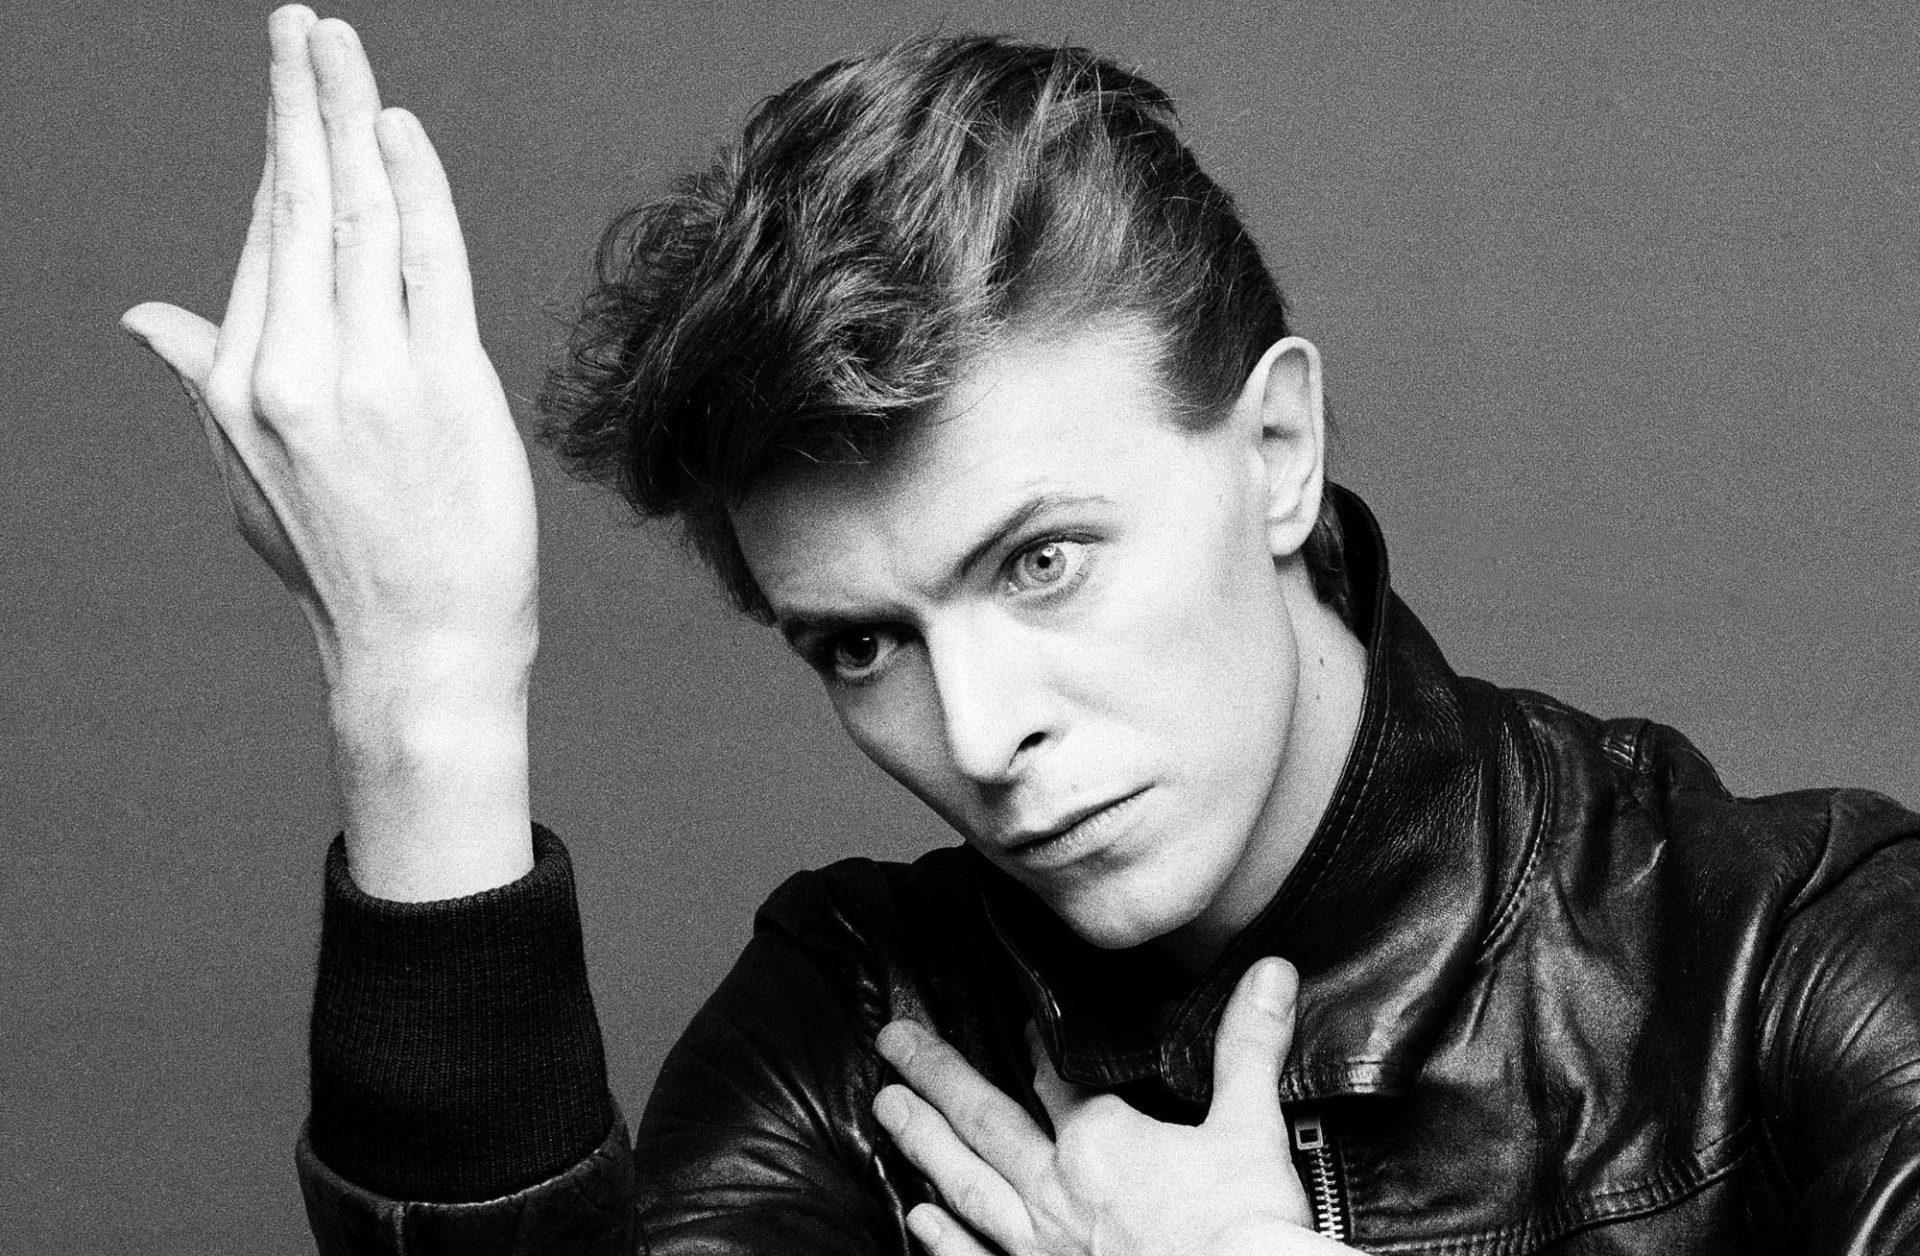 1. Дэвид Боуи -  британский рок-певец и автор песен, а также продюсер, звукорежиссёр, художник и актёр. Умер от рака 11 января 2016.